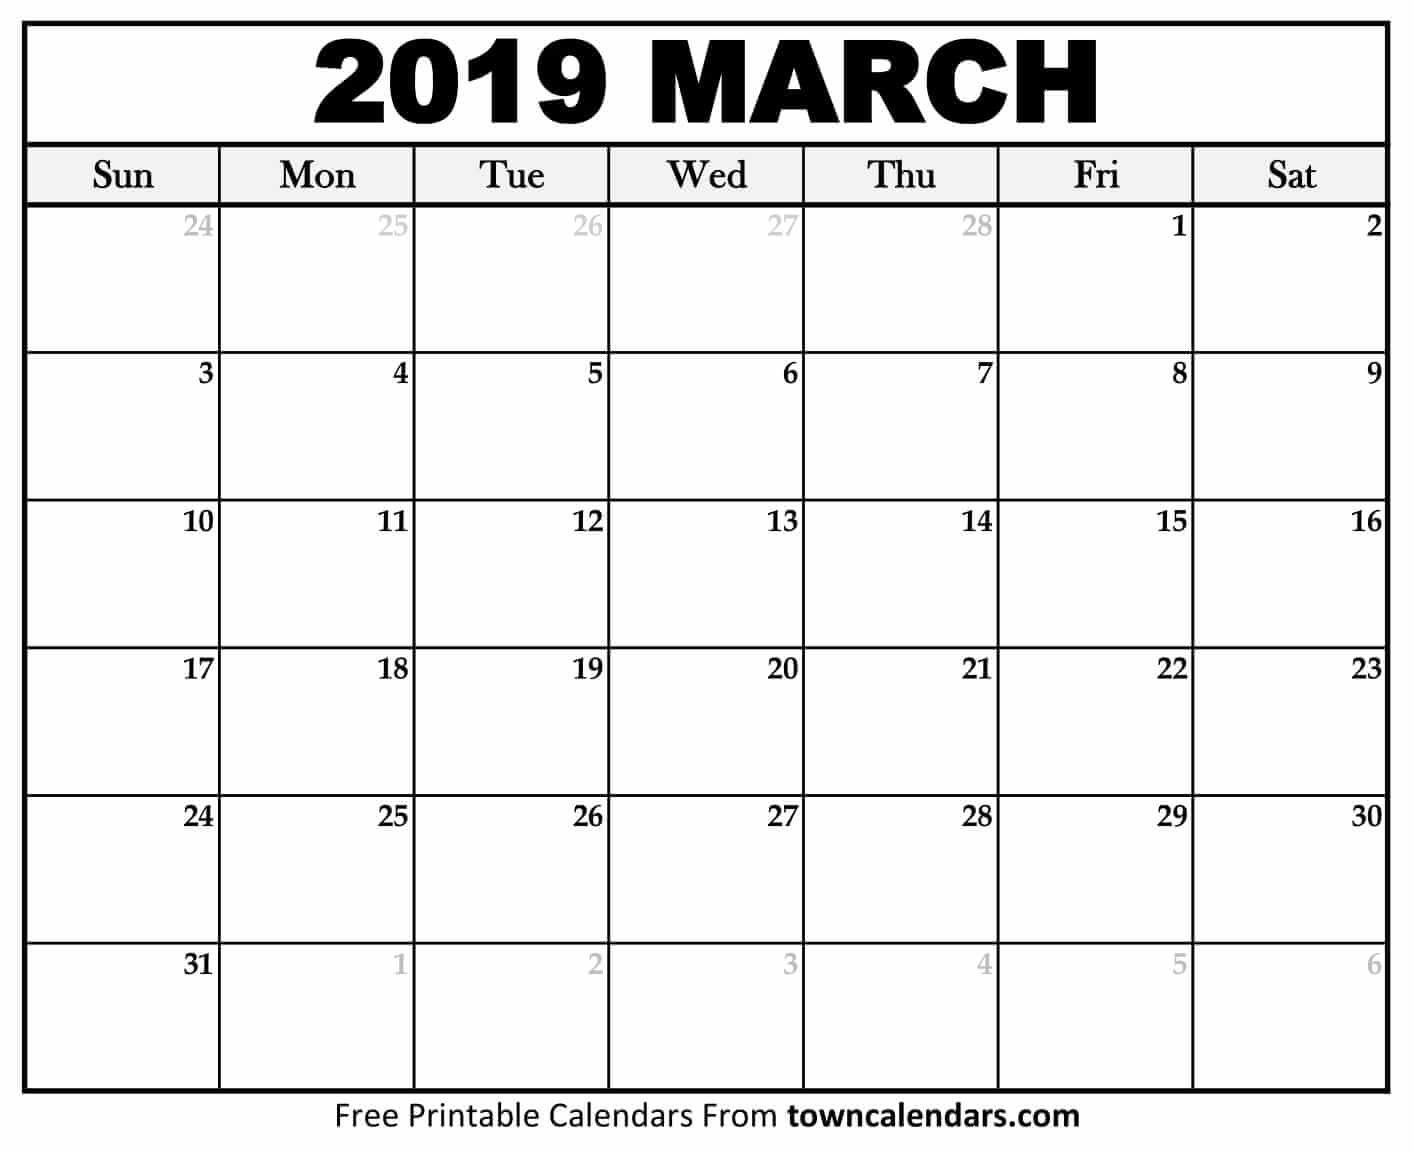 Printable March 2019 Calendar - Towncalendars March 1 2019 Calendar